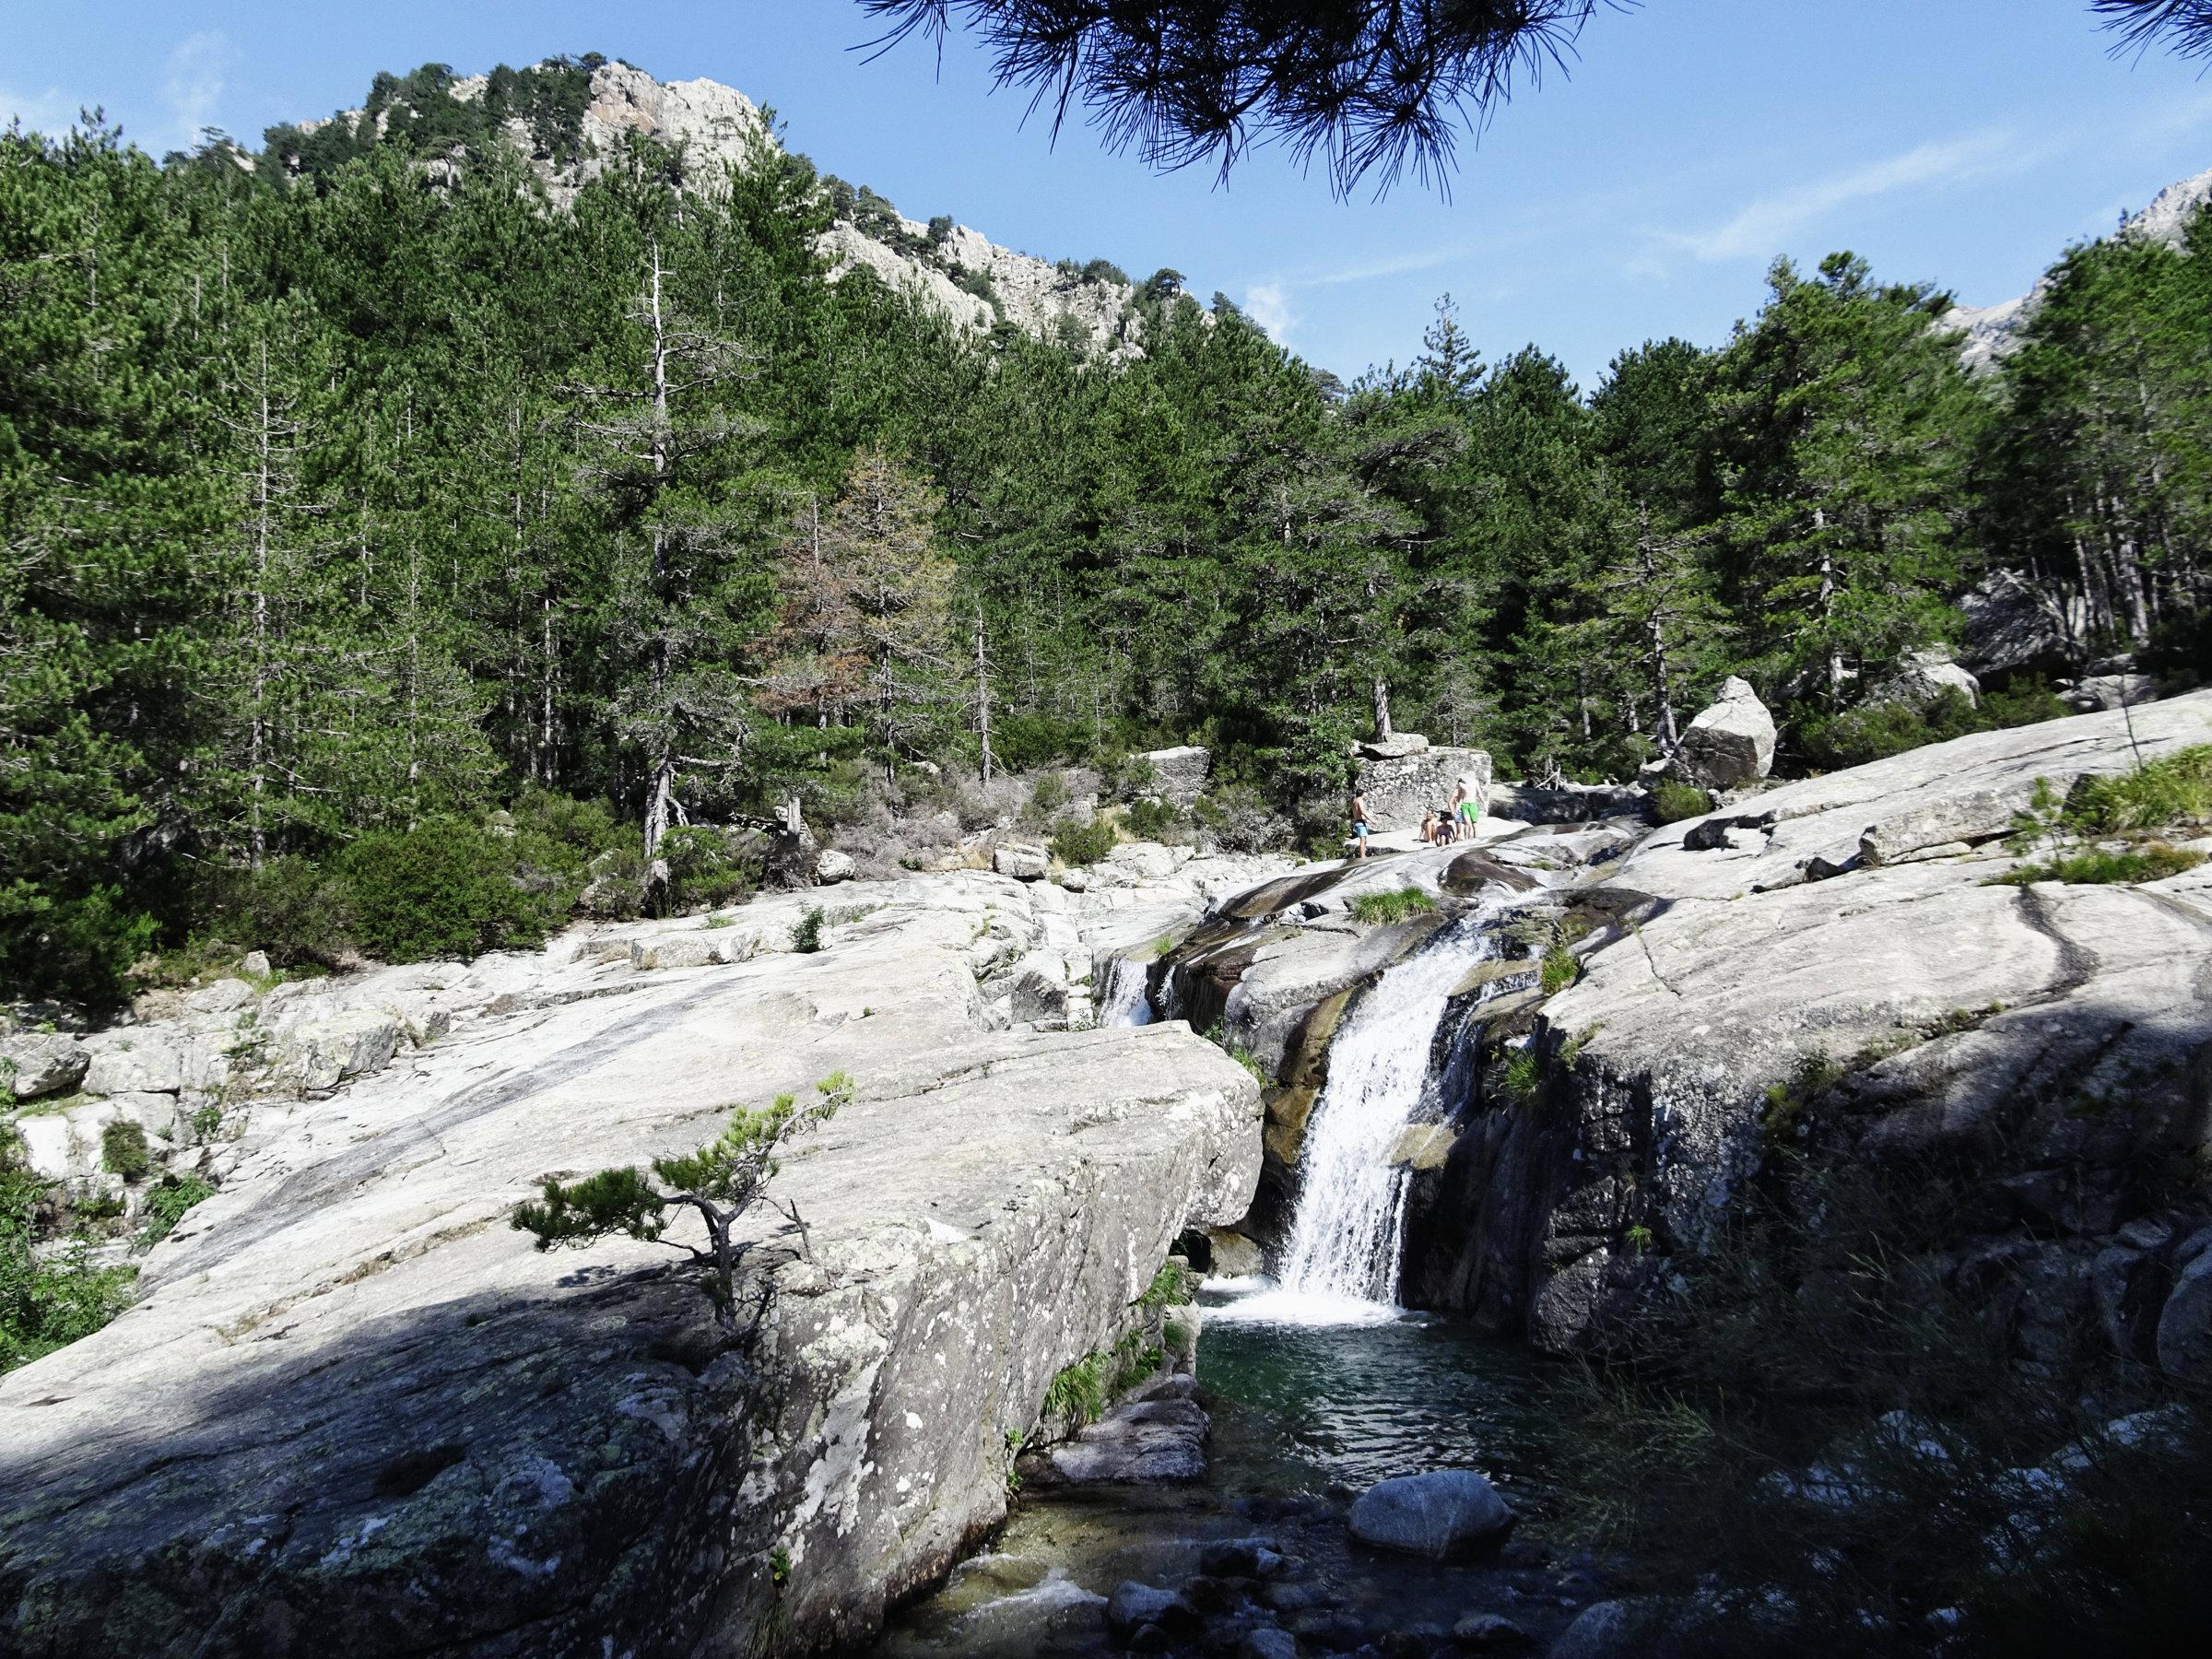 Wasserrutschen und Badegumpen, Korsika, GR20 Weitwanderweg, Wandern, Berge, Frankreich